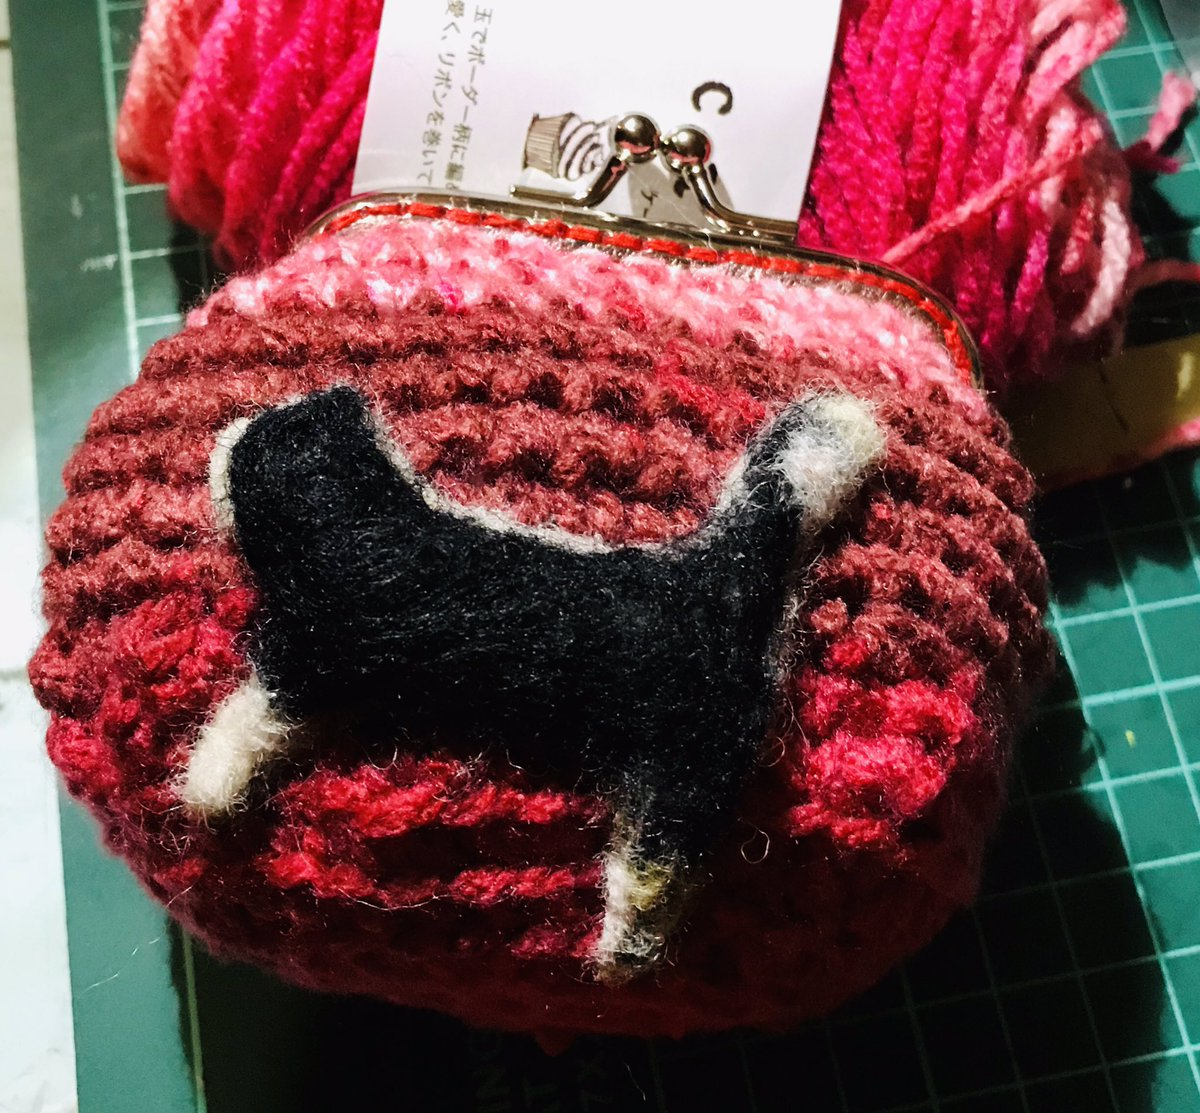 test ツイッターメディア - 今日の編物  2こめ  サイズはなんとか?やけど そこが無理やり円から変形にしたからちょっとアラが?笑  ボコボコ隠しに羊毛フェルトでアップリケ 笑  一応 猫です 口金が四角  使いやすさは四角かな  #編物初心者  #がま口  #口金 #セリア  #羊毛フェルト  #猫のアップリケ  #100均毛糸  #cake毛糸 https://t.co/27BZ4YH1uE